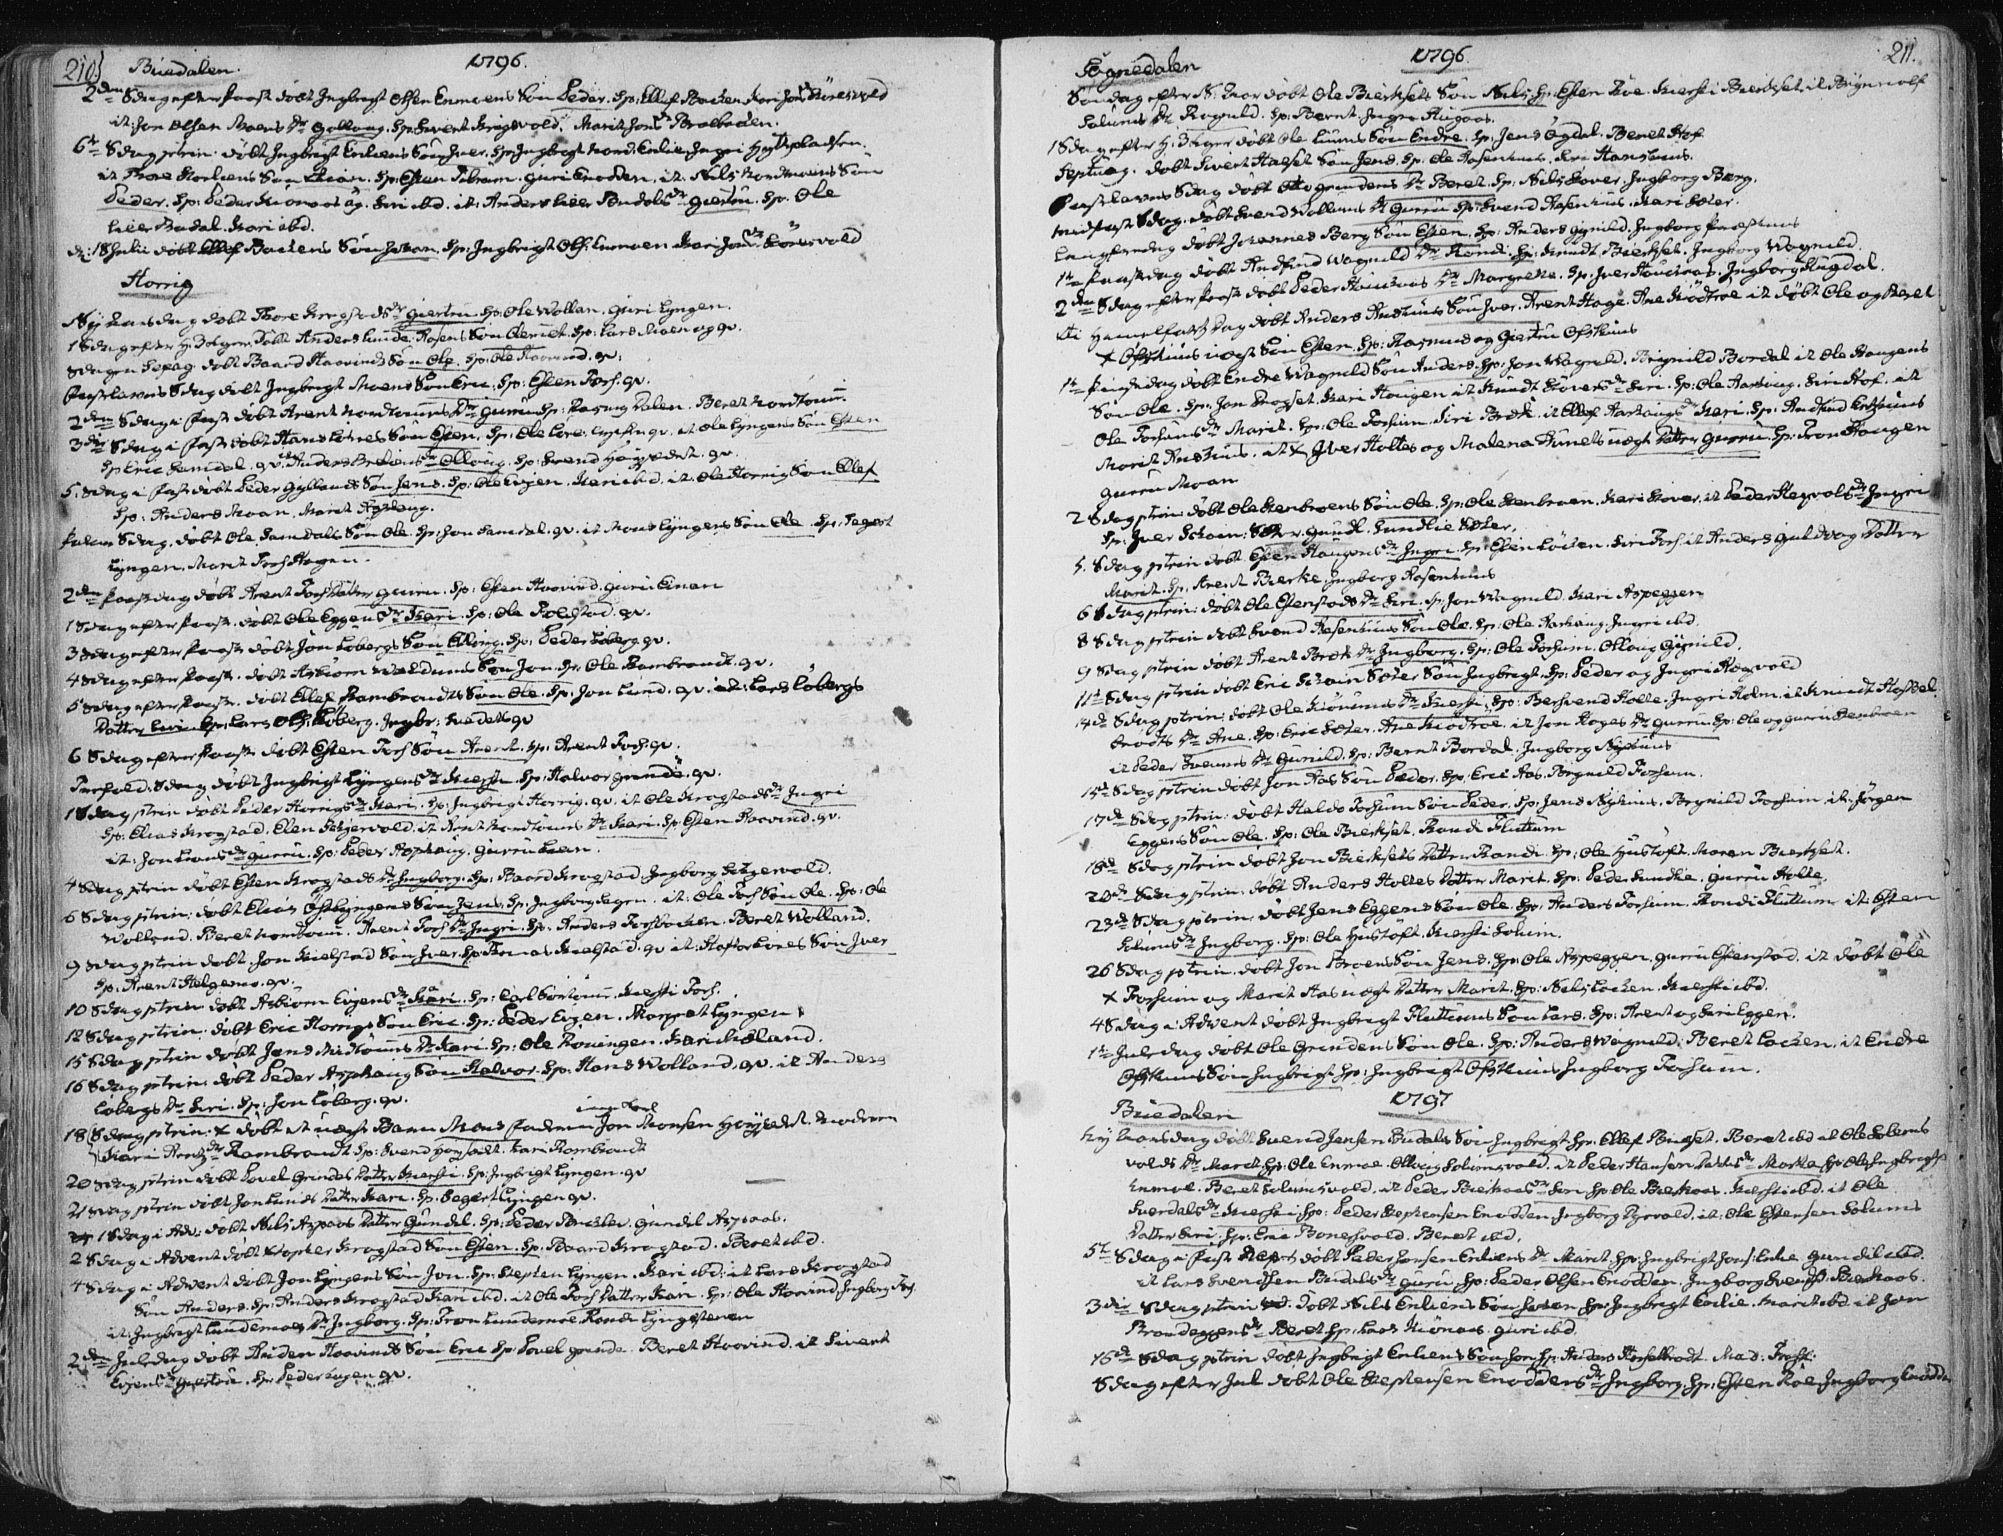 SAT, Ministerialprotokoller, klokkerbøker og fødselsregistre - Sør-Trøndelag, 687/L0992: Ministerialbok nr. 687A03 /1, 1788-1815, s. 210-211